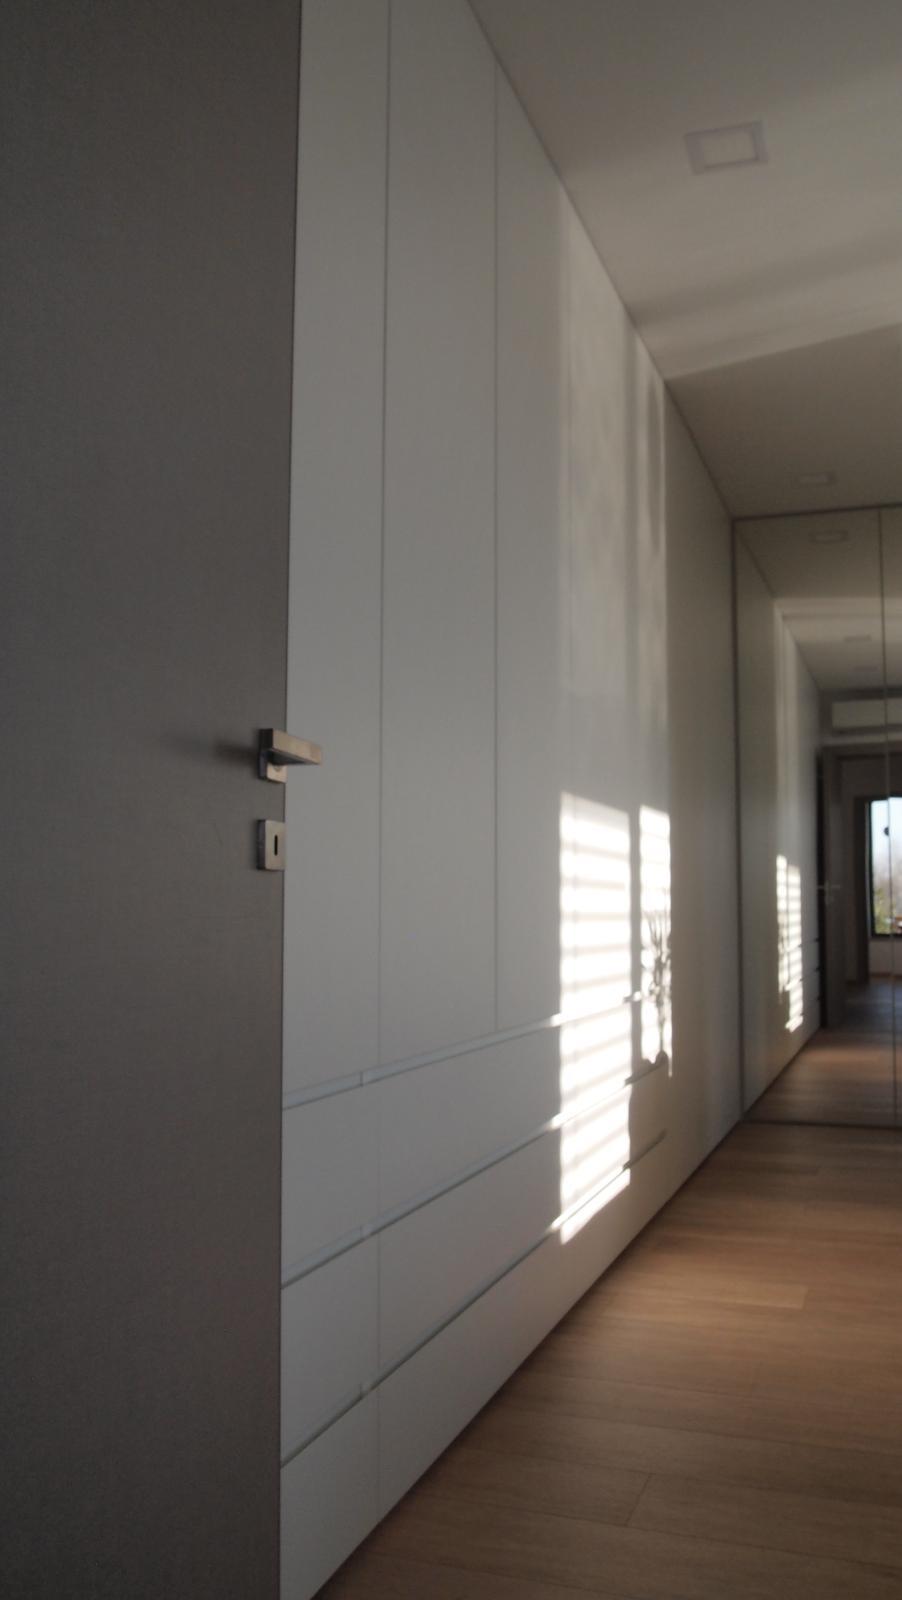 Druhý domov za hranicami (aj reality :-) - Naše nekonečno. Vďaka oknu v detskej izbe to vytvara iluziu nekonečna.